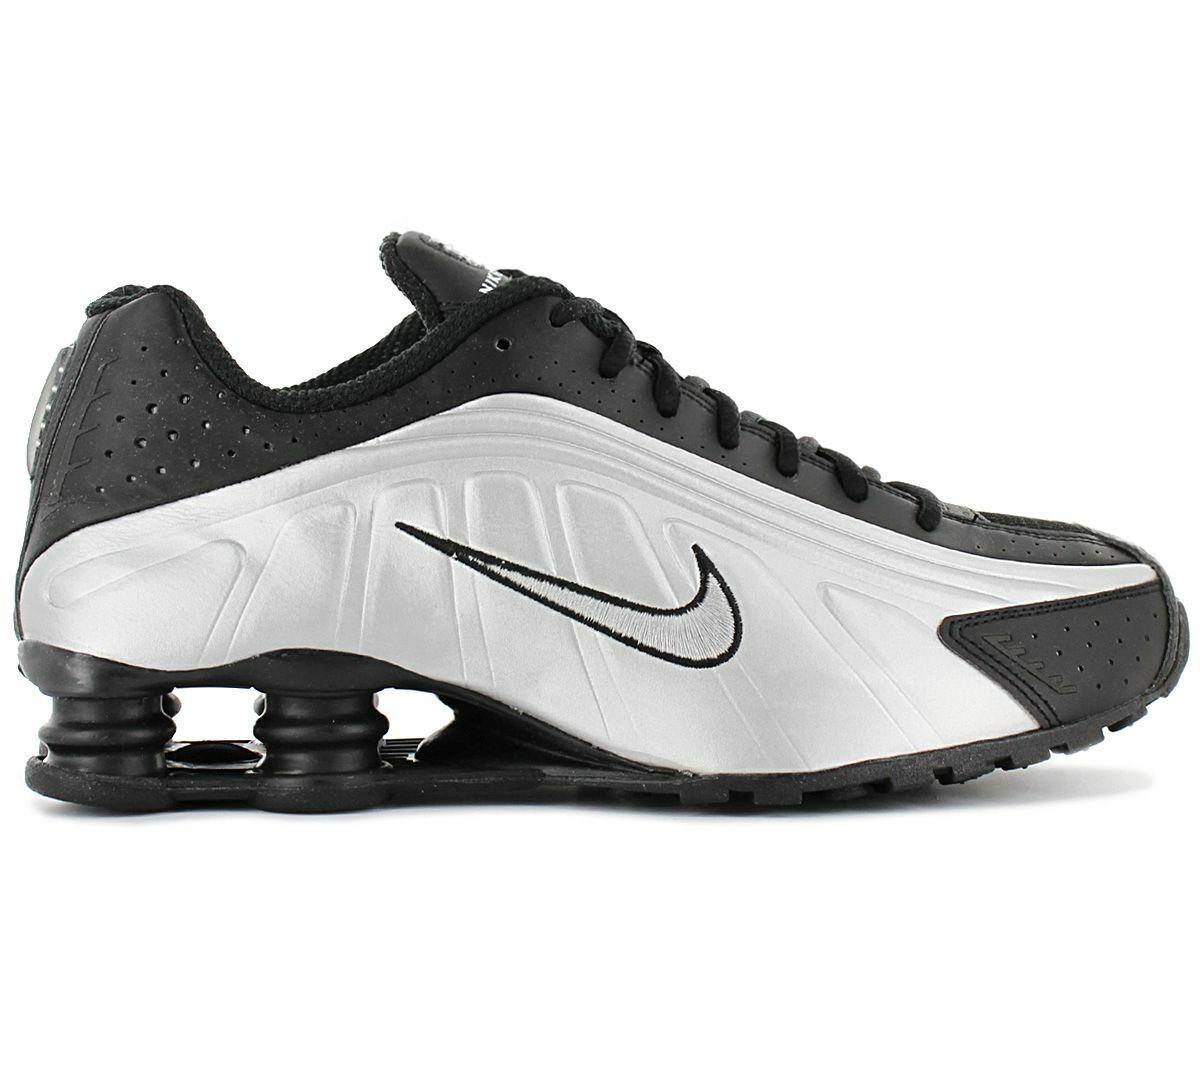 Turnschuhe NIKE SHOX R4 104265-050 Herren Sneaker Freizeit